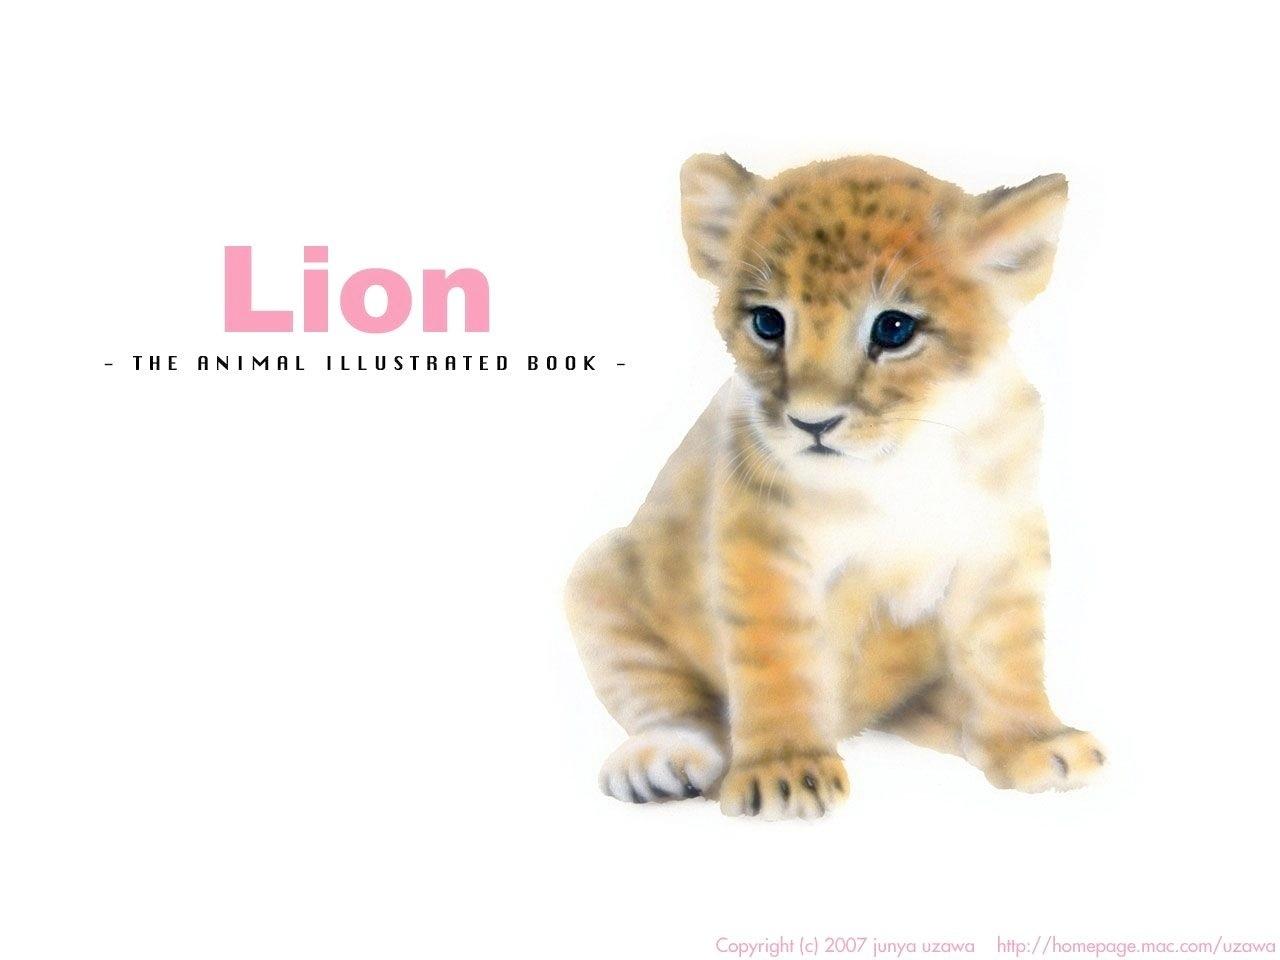 リアリズム絵画/動物の絵(動物イラスト)/ライオン/おすわりする